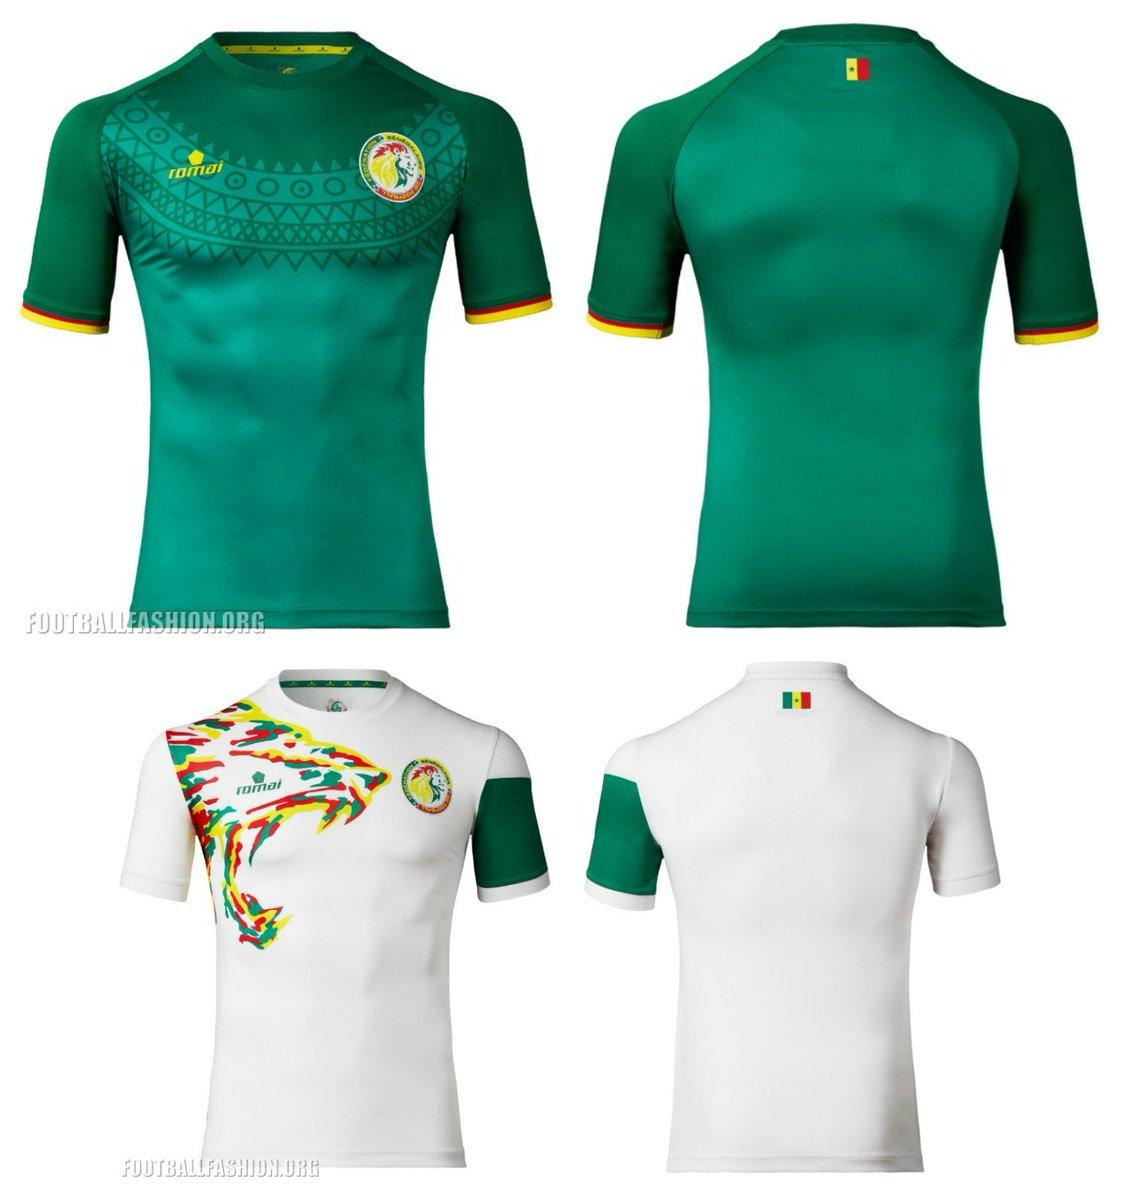 0aab54f4d09 Football Fashion on Twitter: